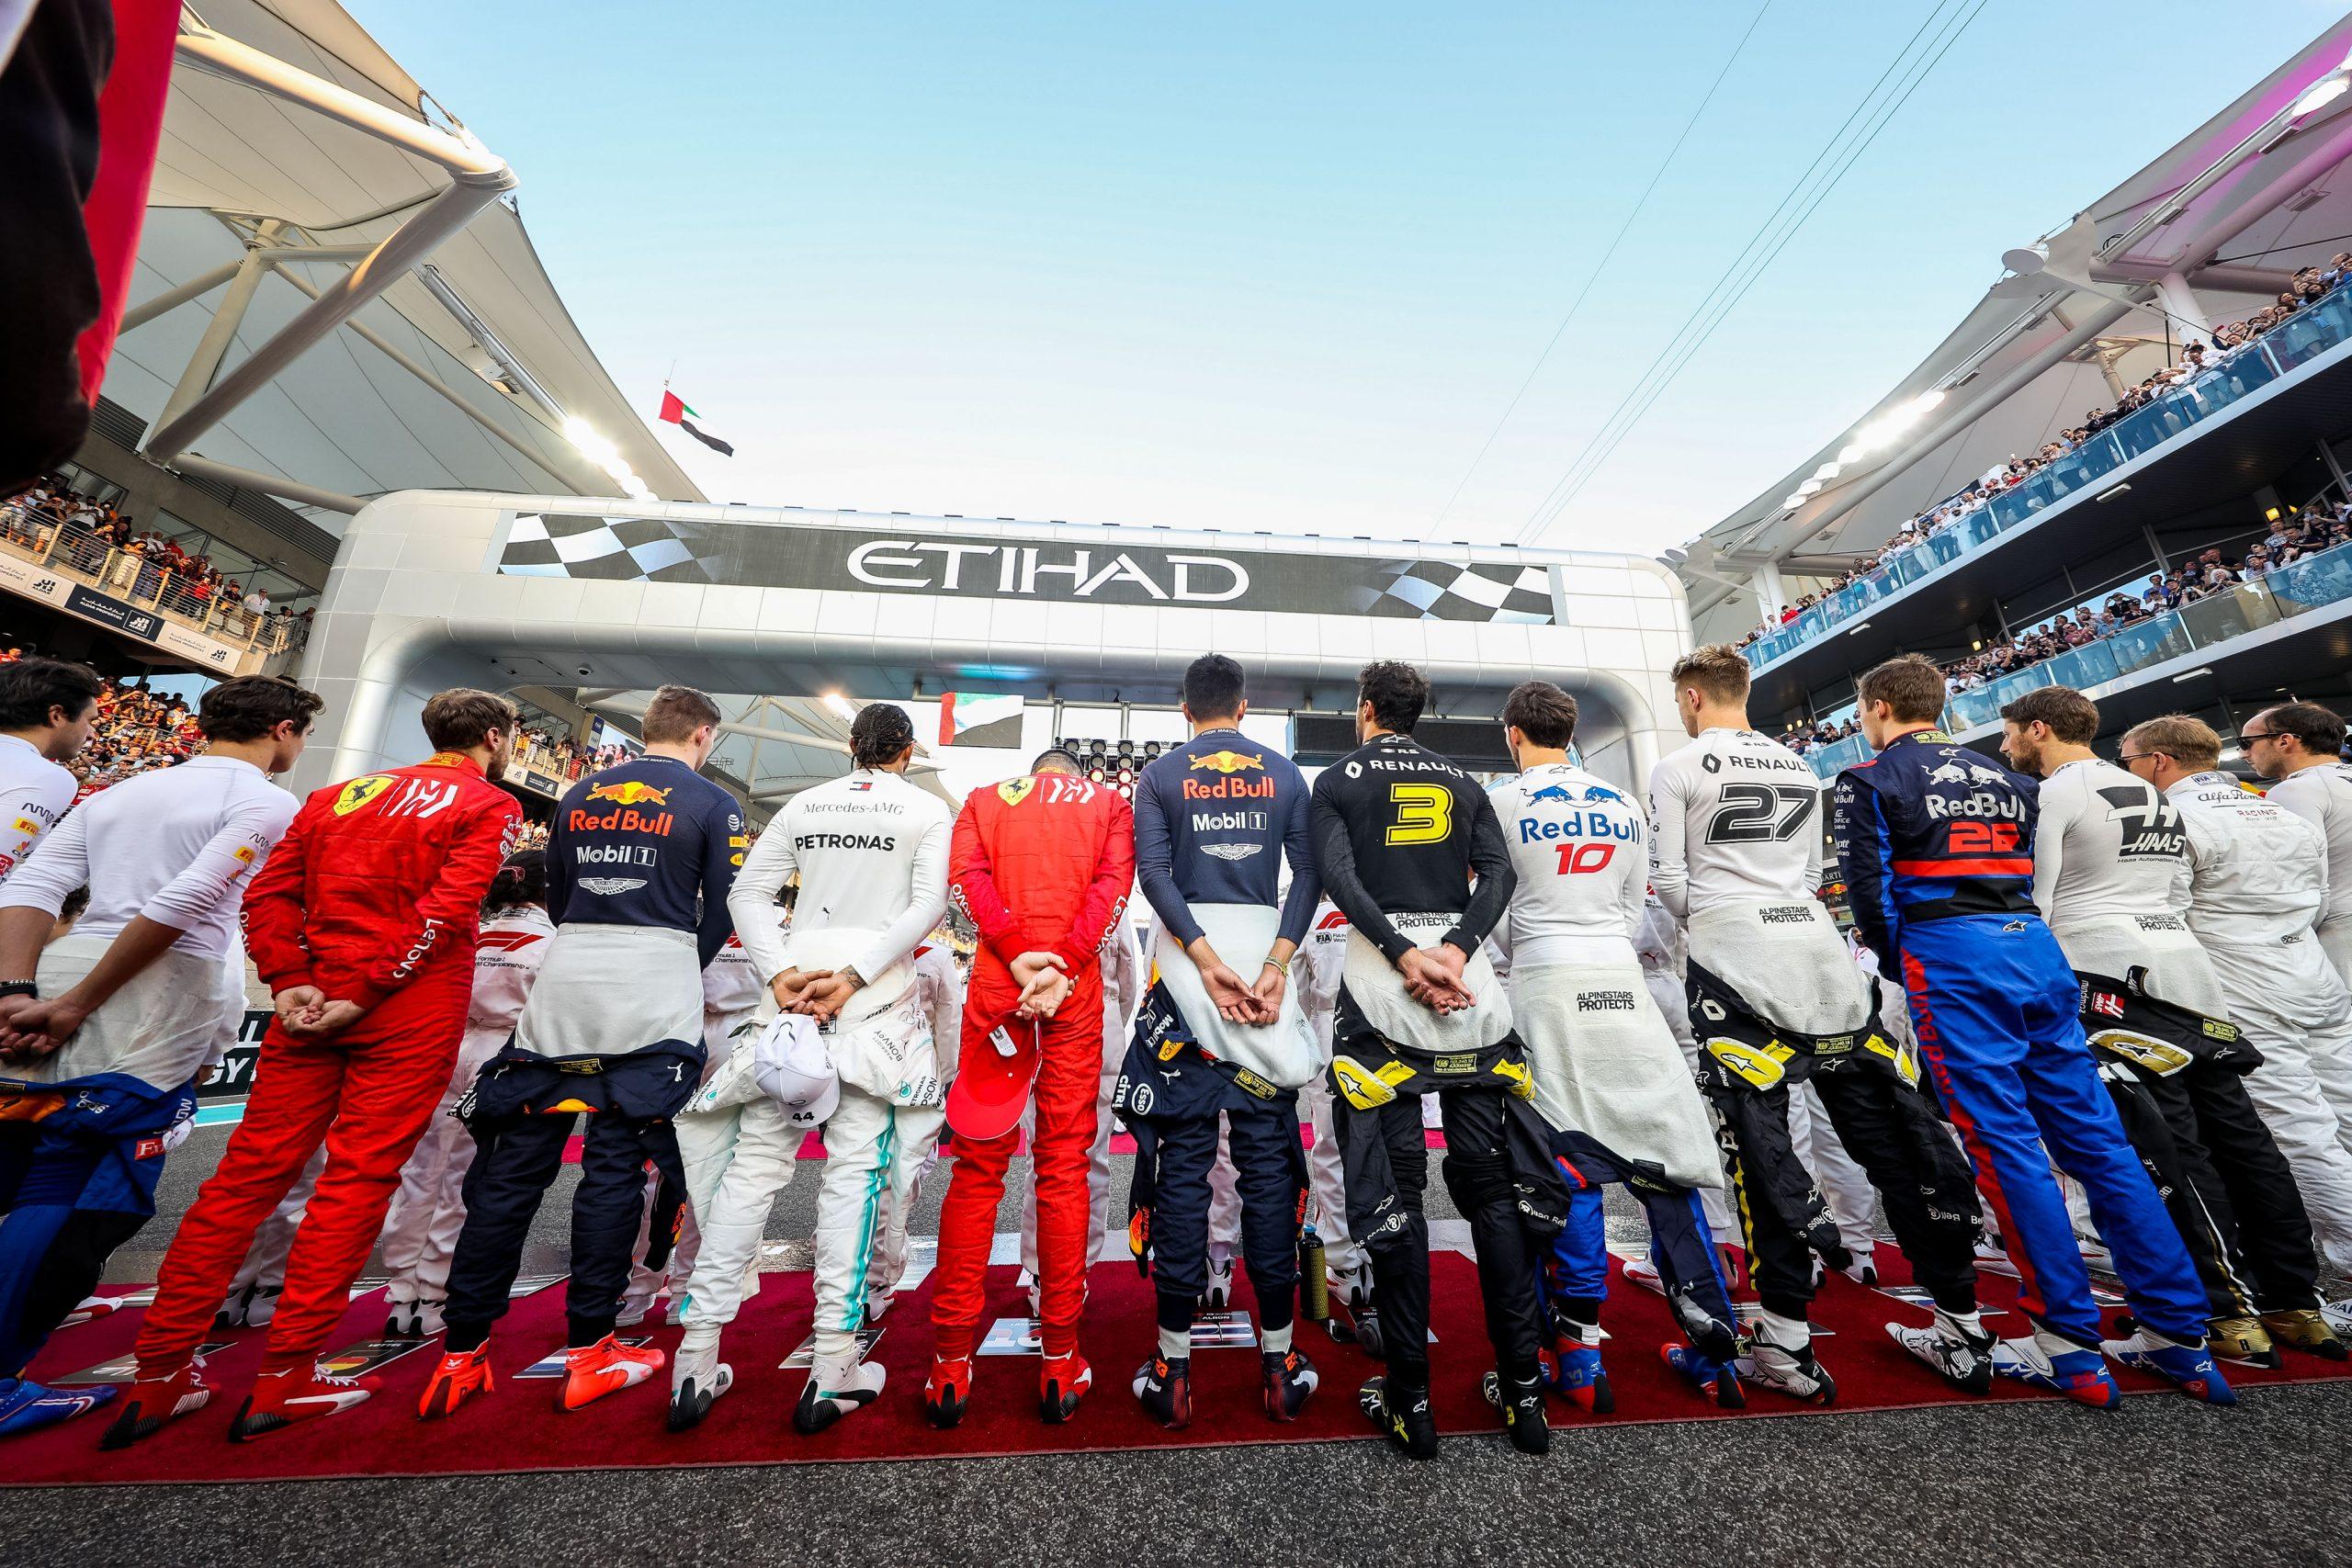 Calendrier F1 2020.F1 2020 Calendar Grand Prix Racing Schedule F1 Fansite Com